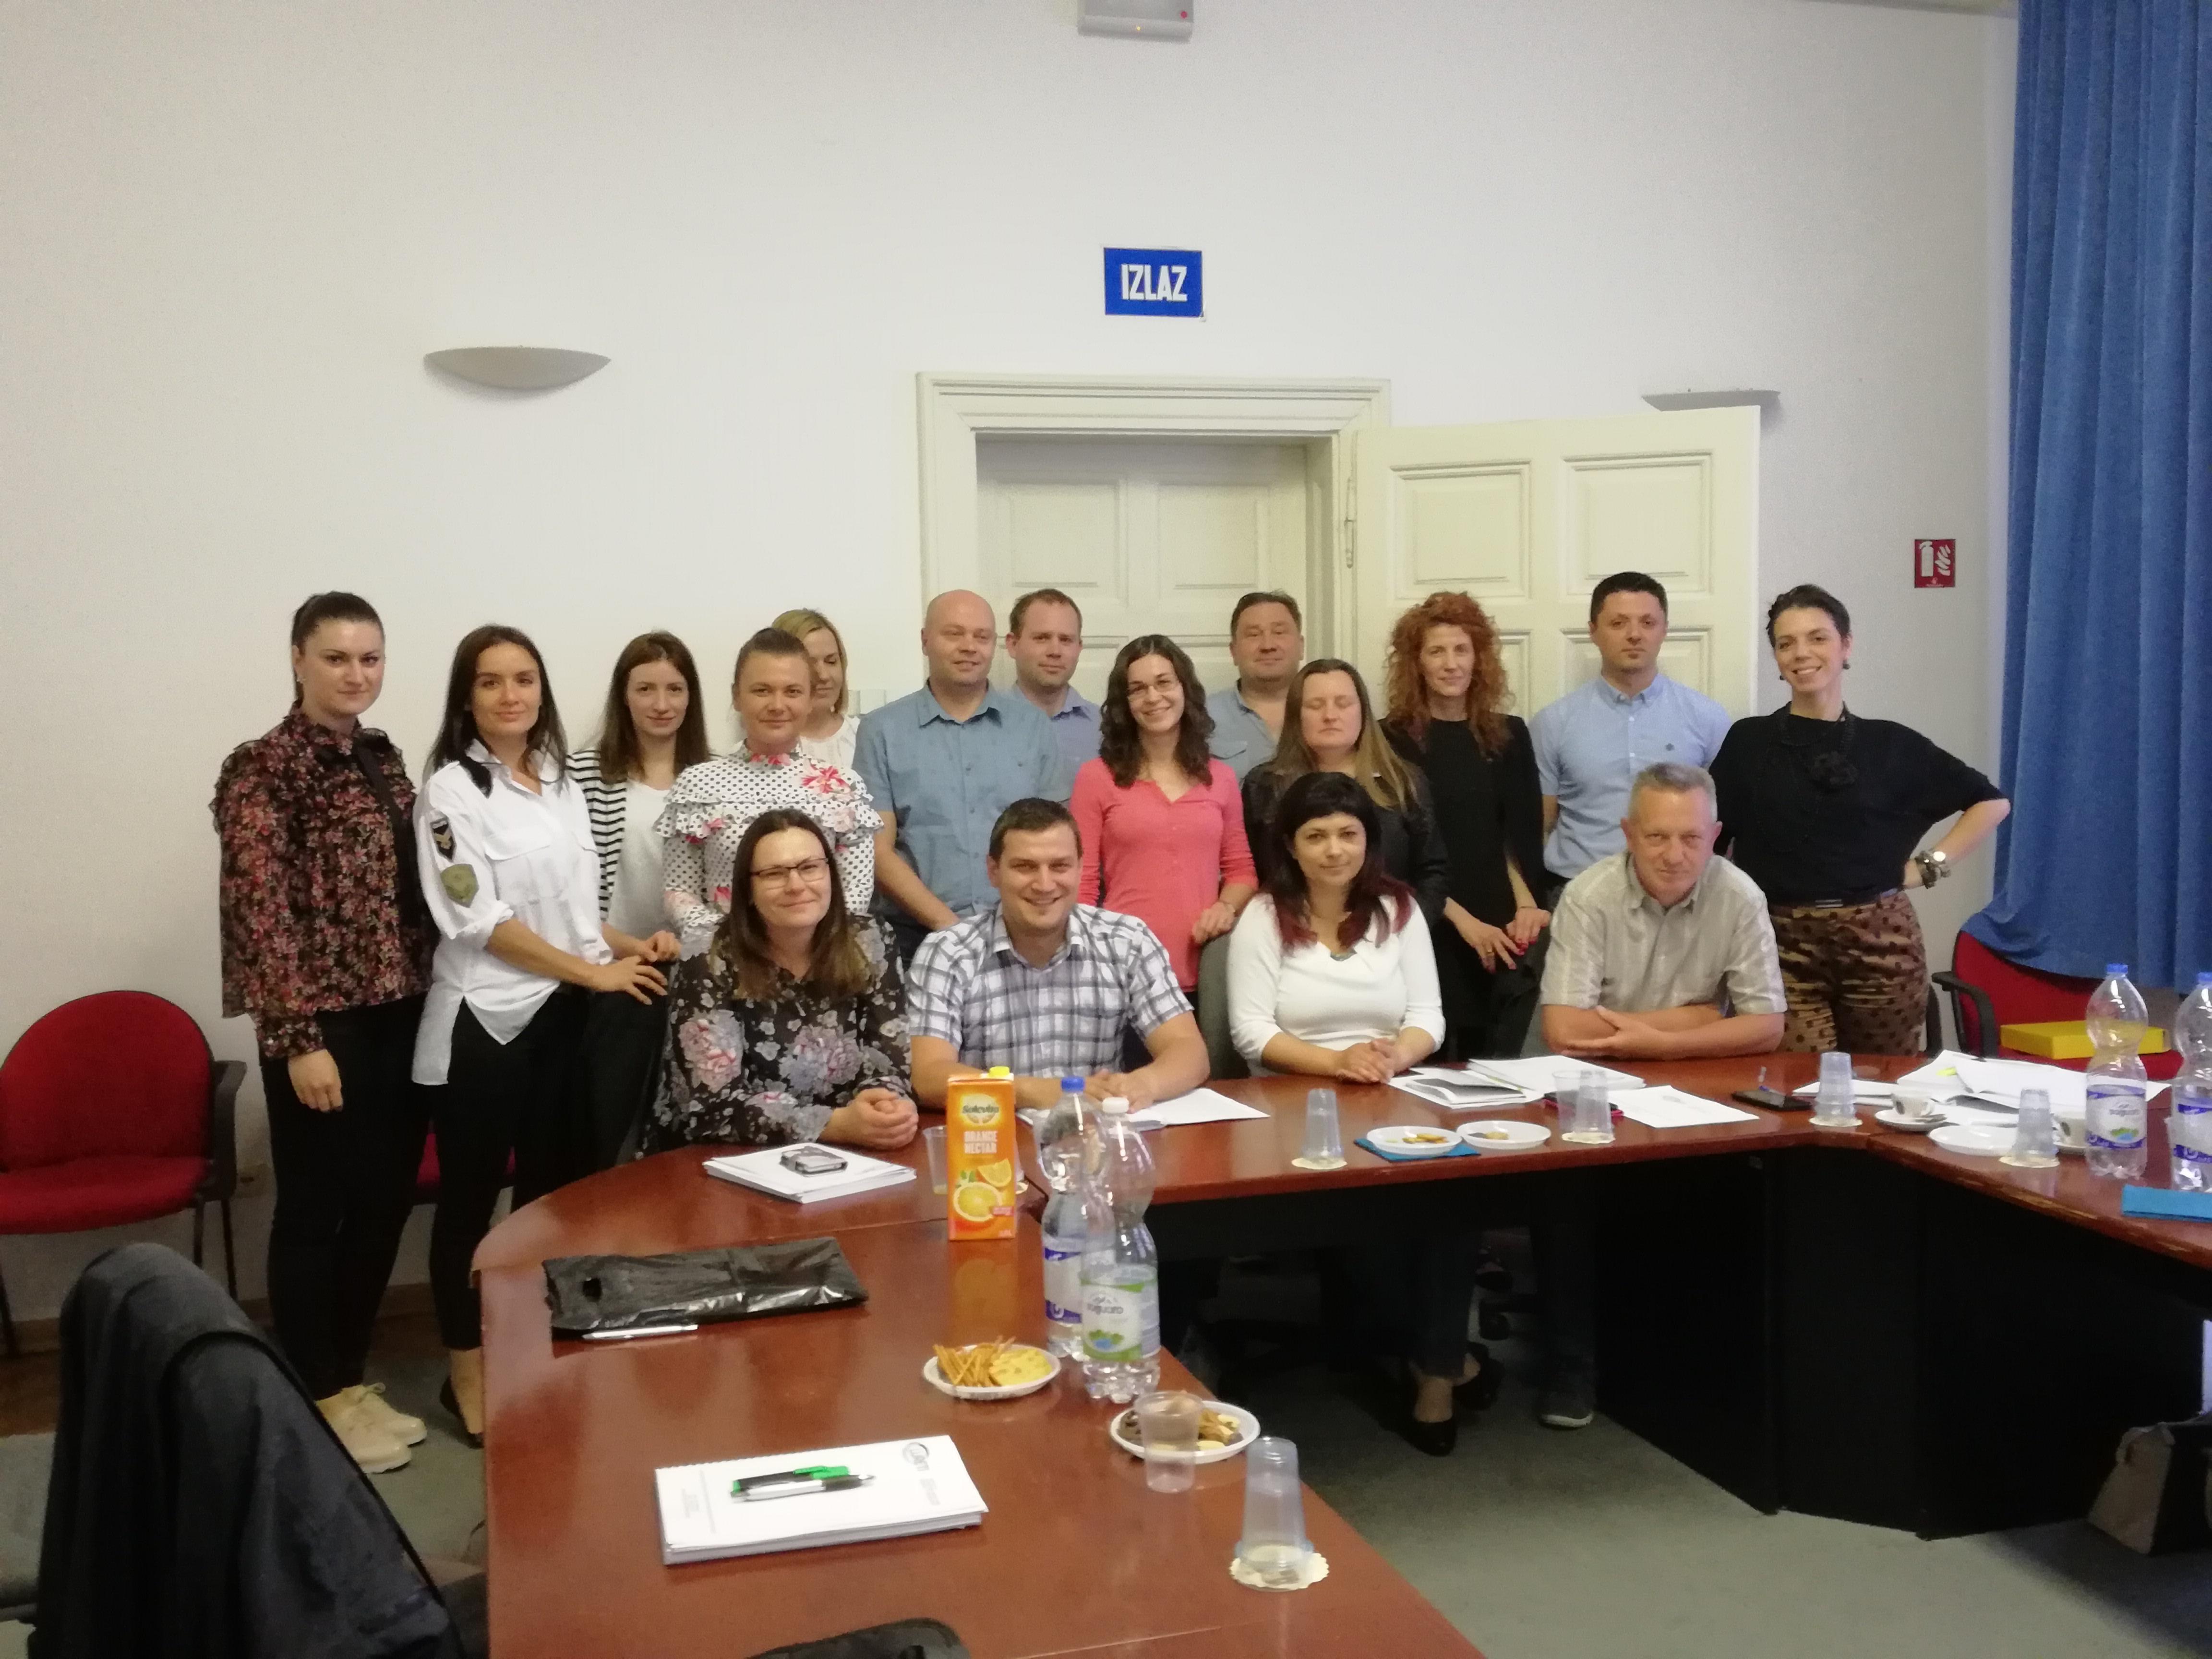 Specijalistički-program-izobrazbe-javna-nabava-Lureti-edukacije-Osijek-2018